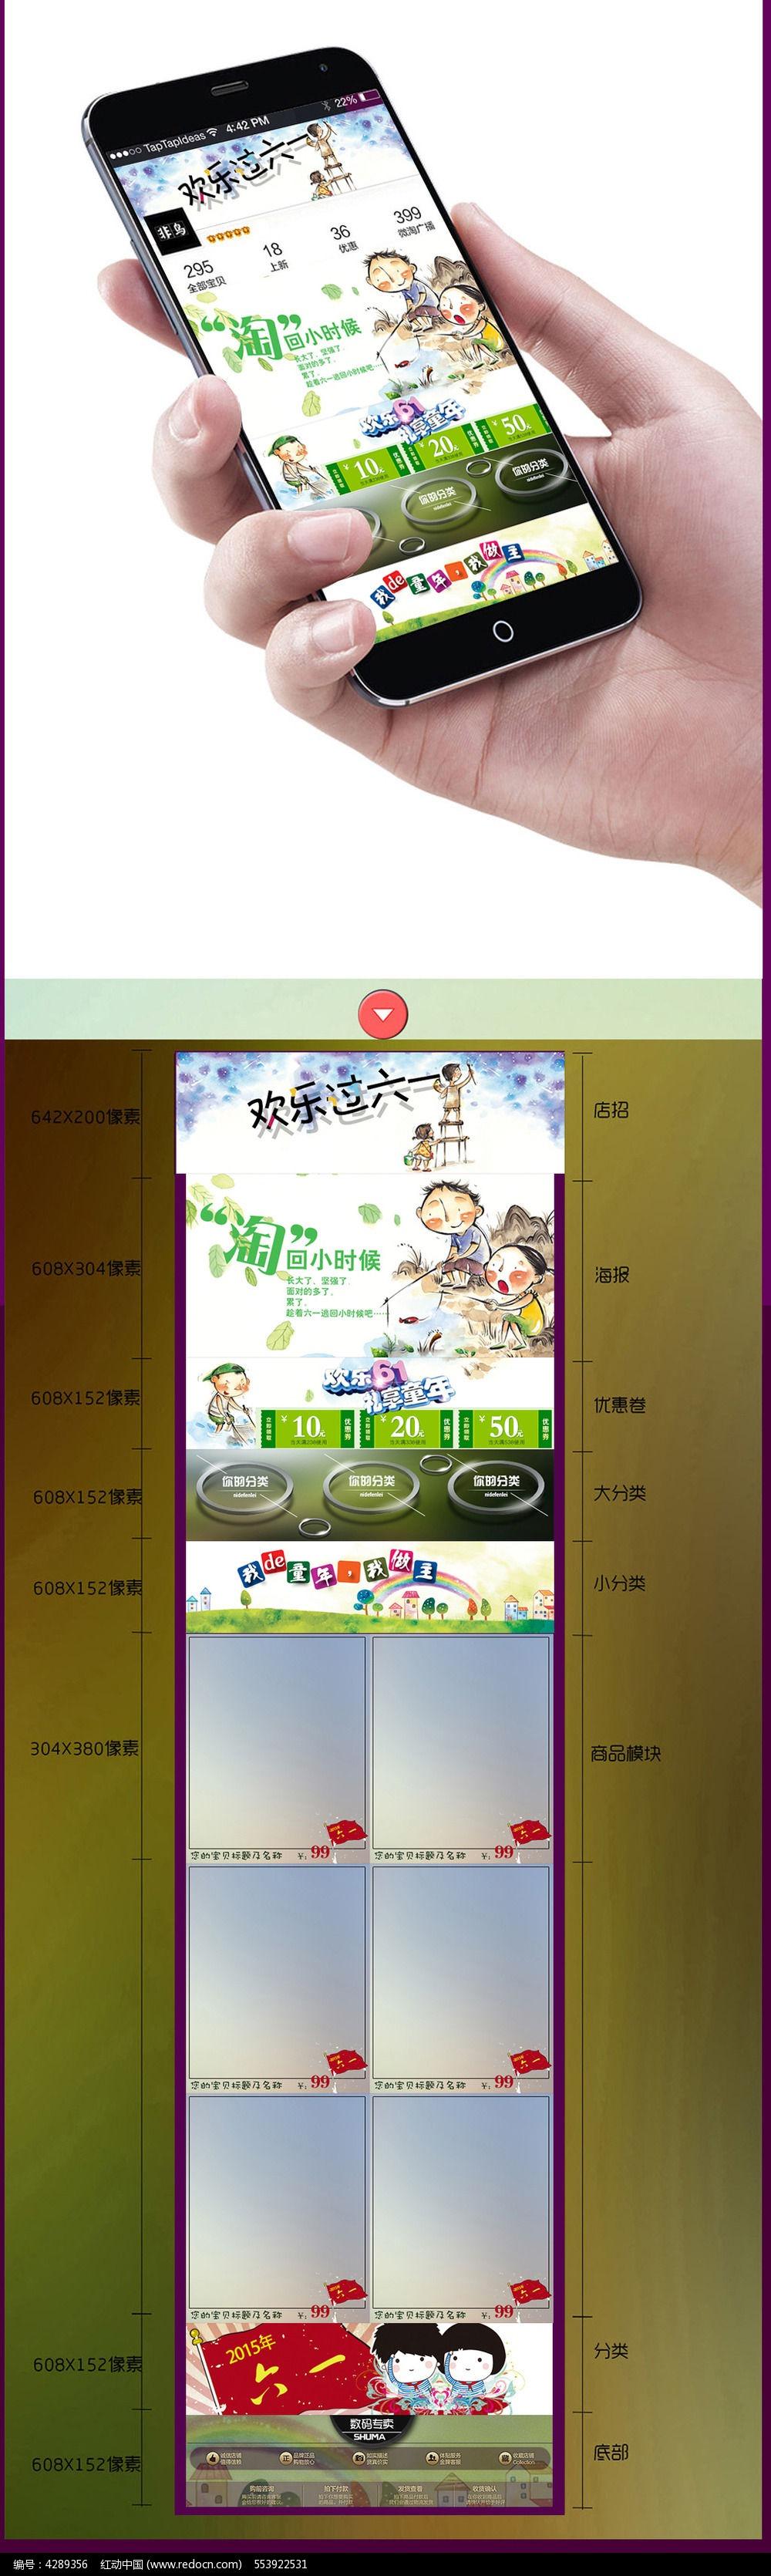 淘宝61儿童节手机端首页素材psd